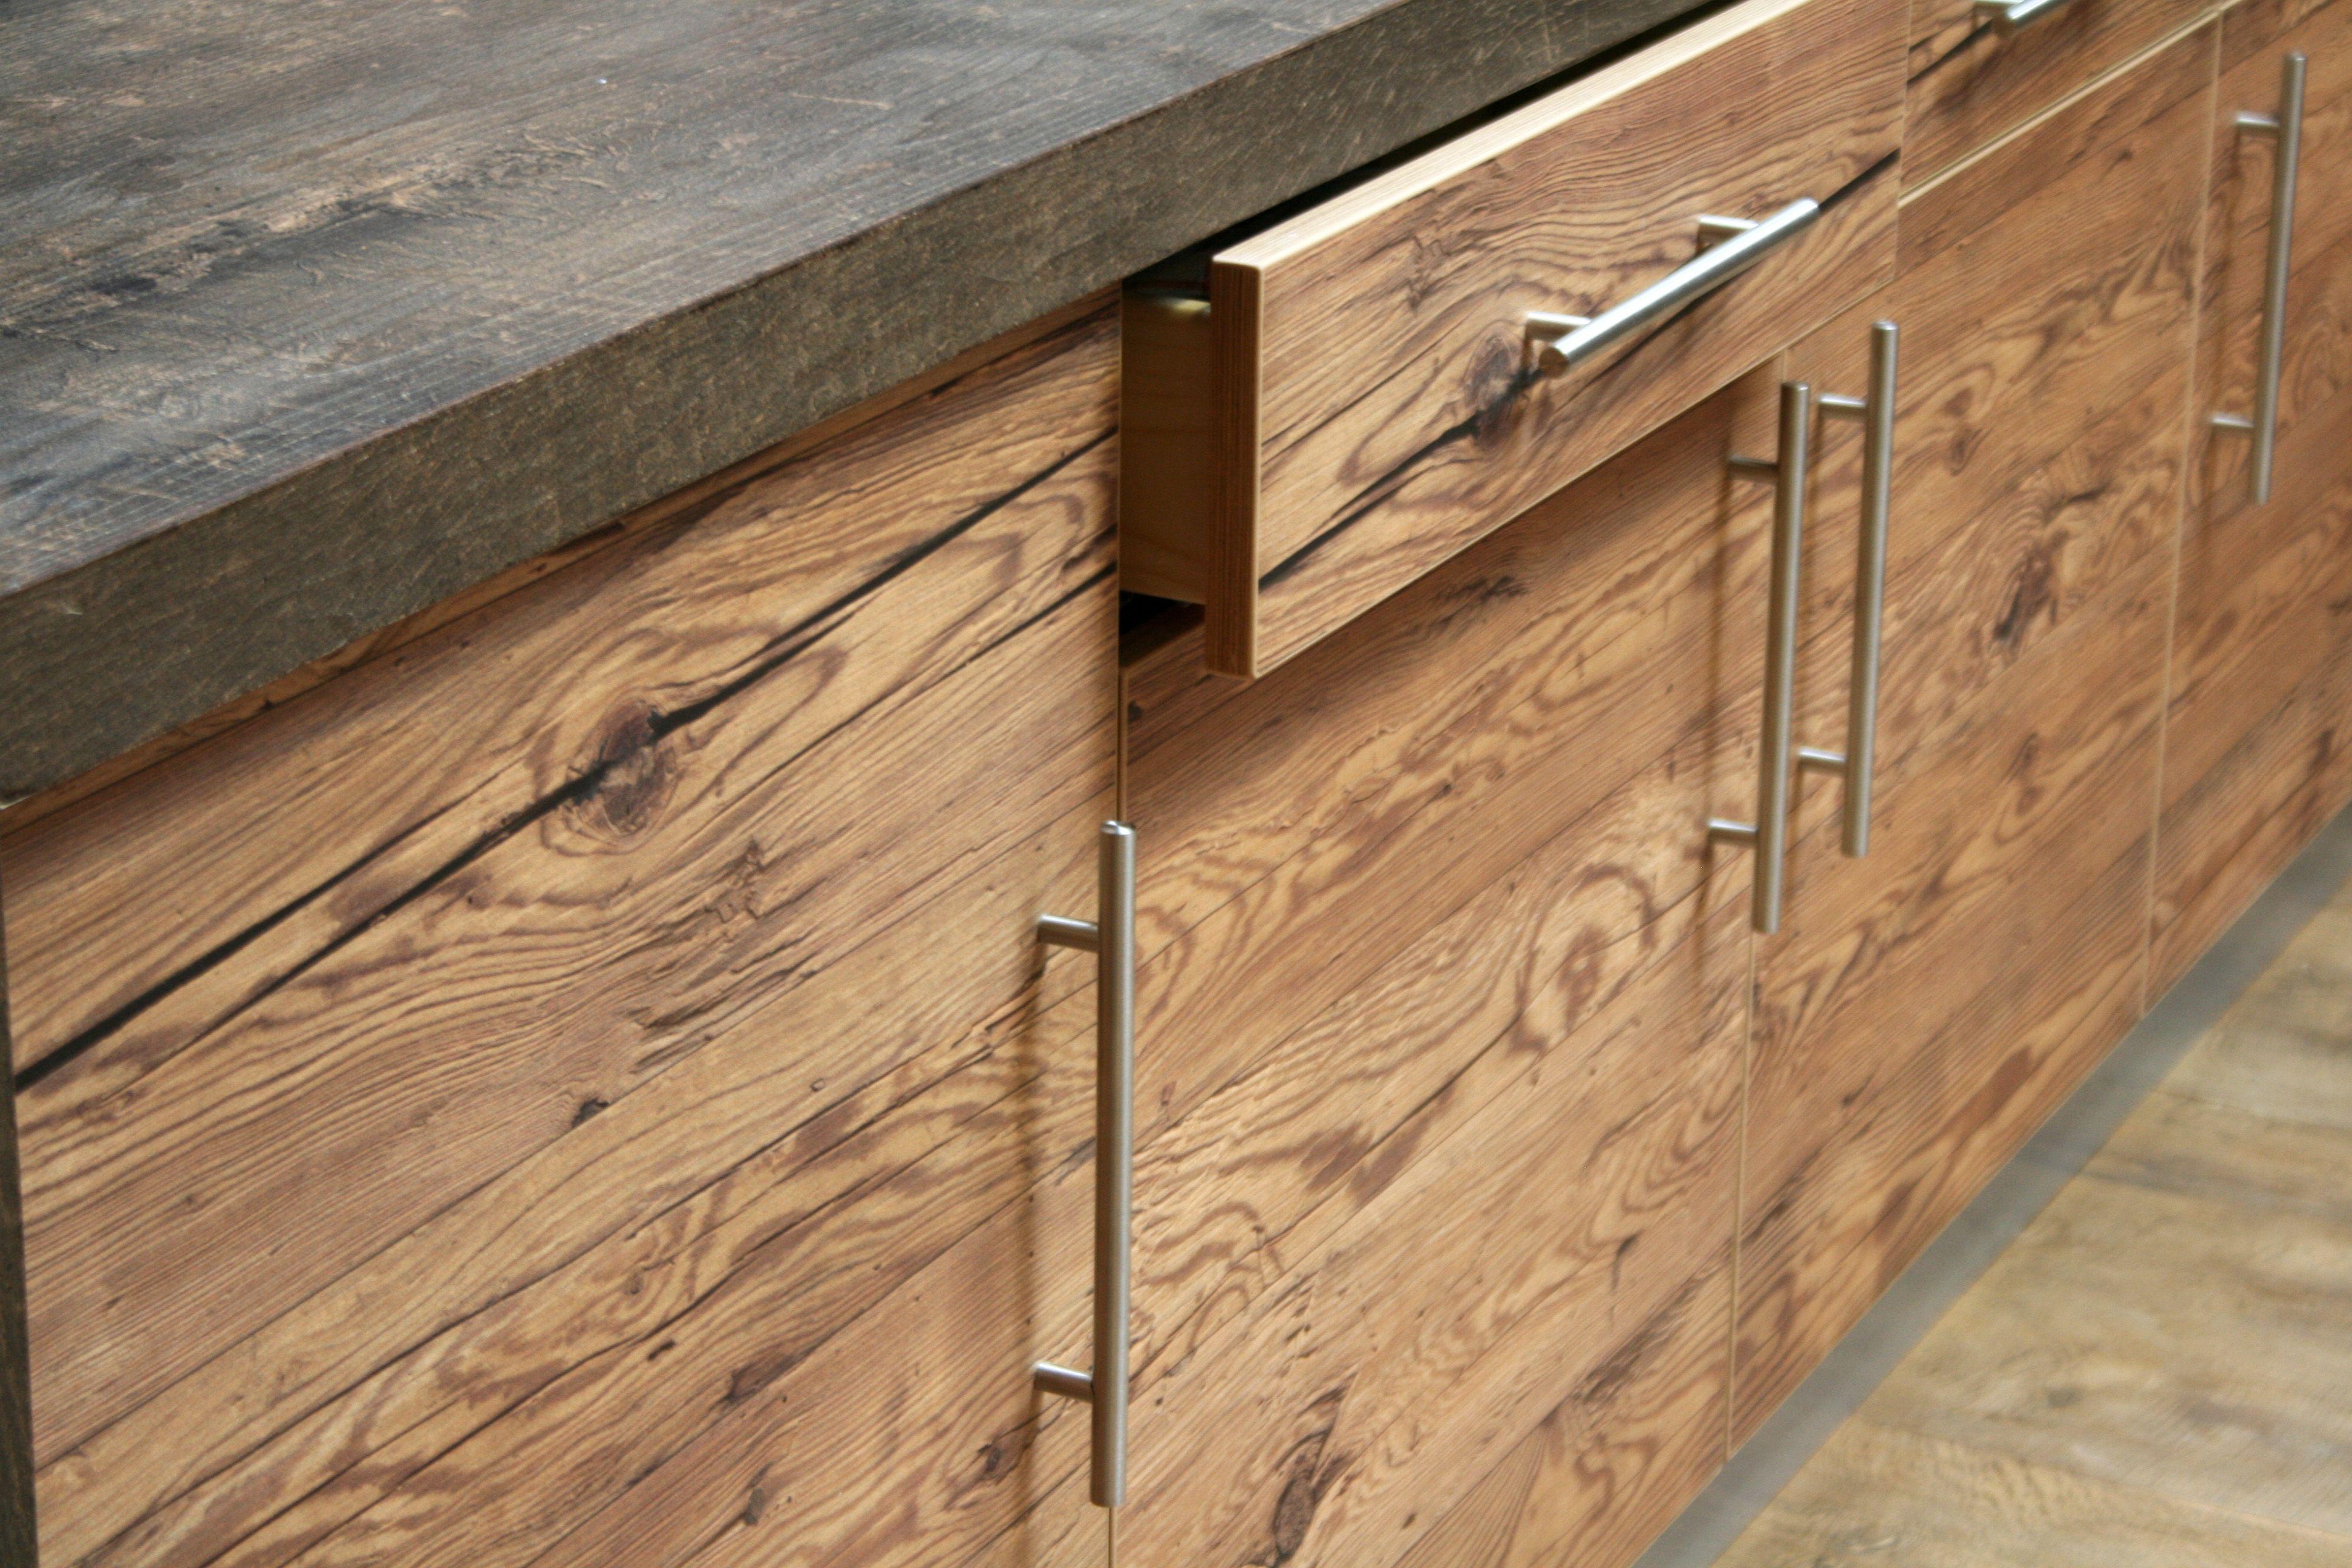 küchenfronten altholz nachbildung | küche | pinterest